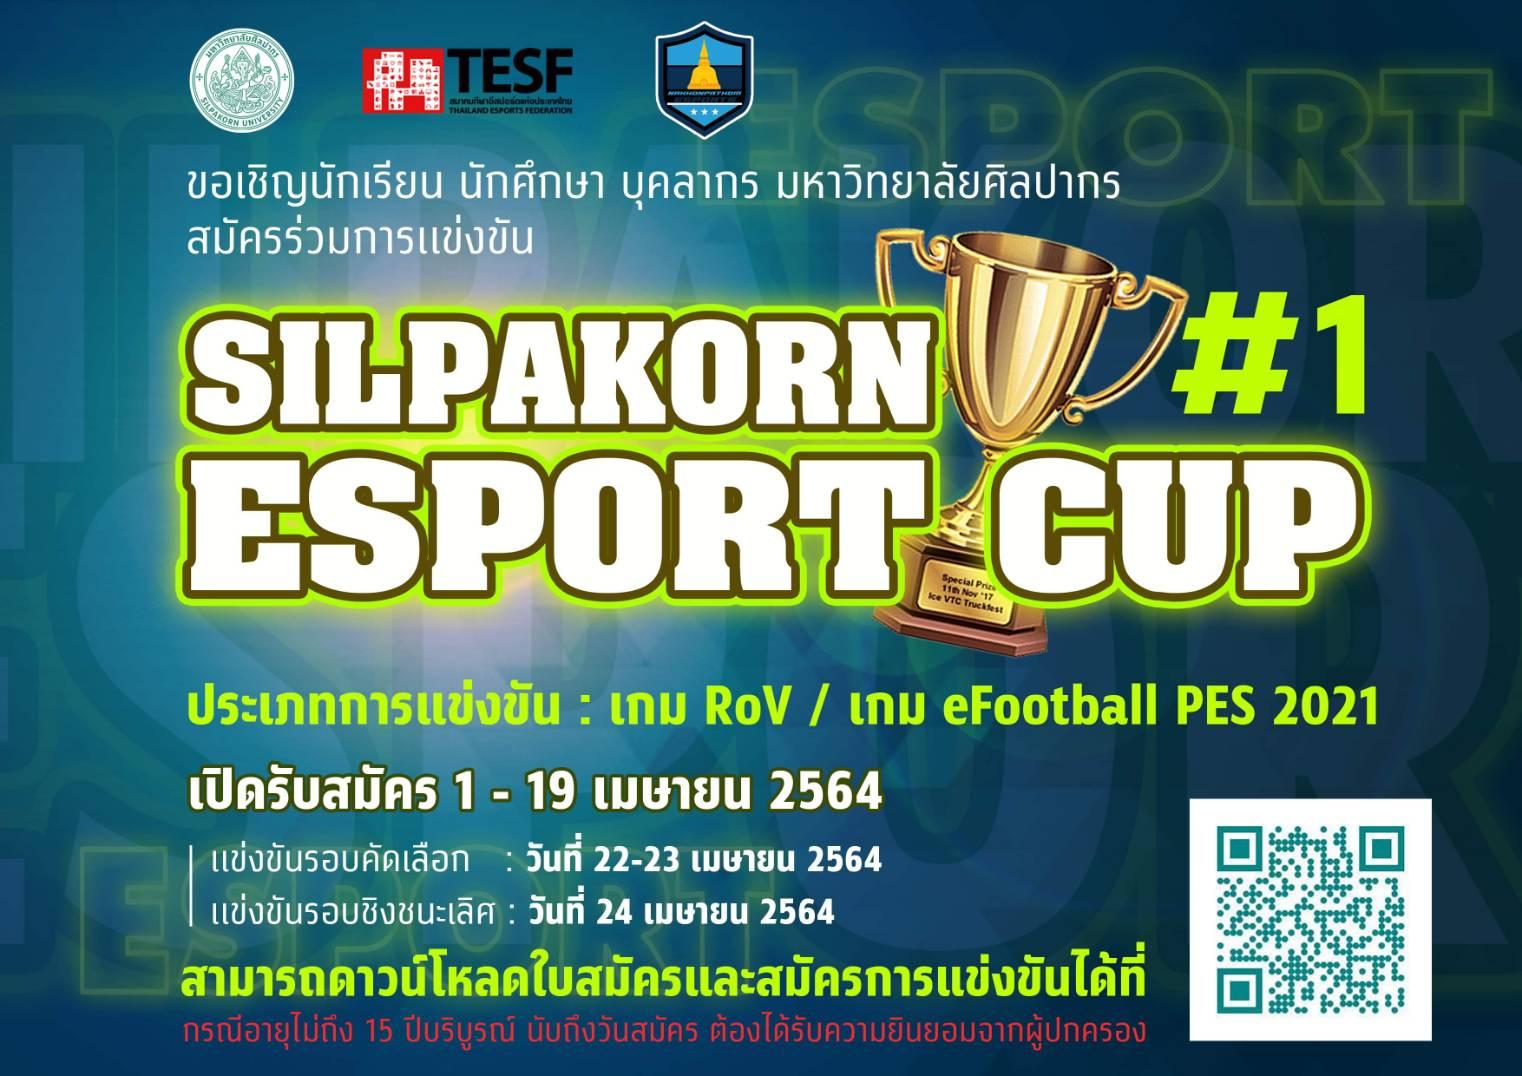 ม.ศิลปากร จัด Silpakorn Esport Cup